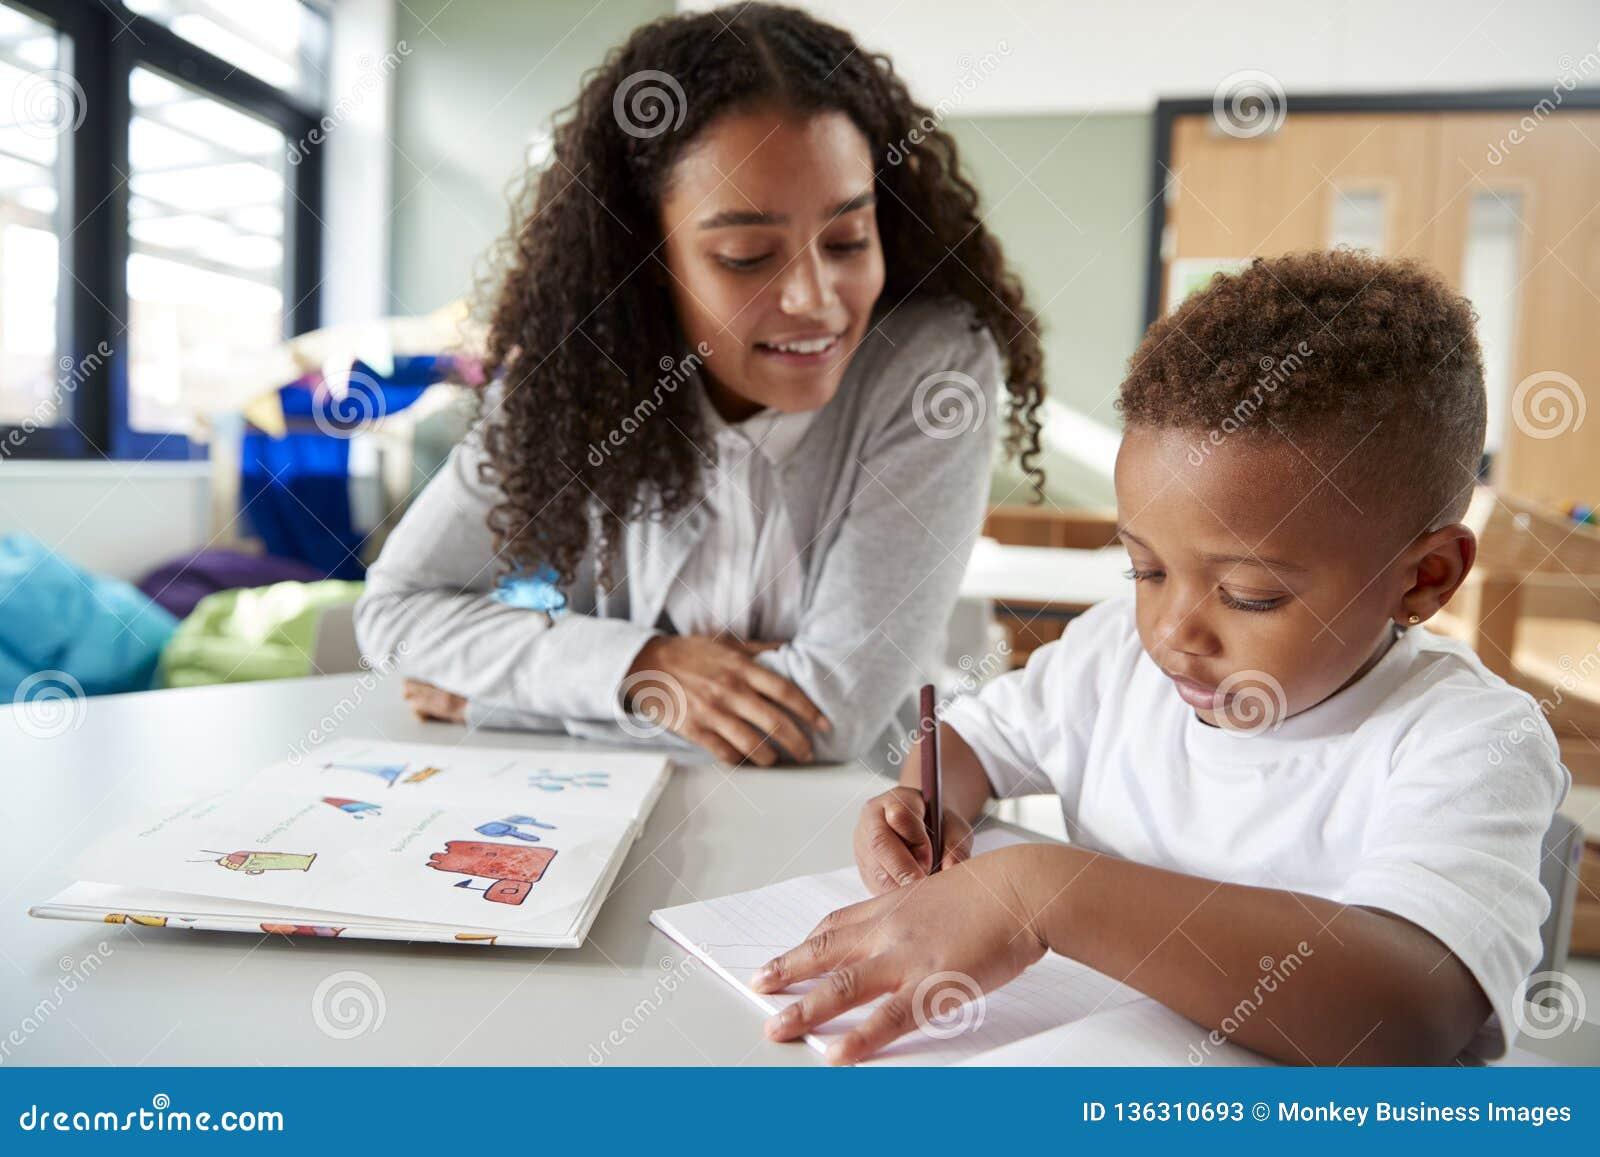 工作一在一个的女性婴儿学校老师与一位年轻男小学生,坐在桌上写在教室,正面图,克洛